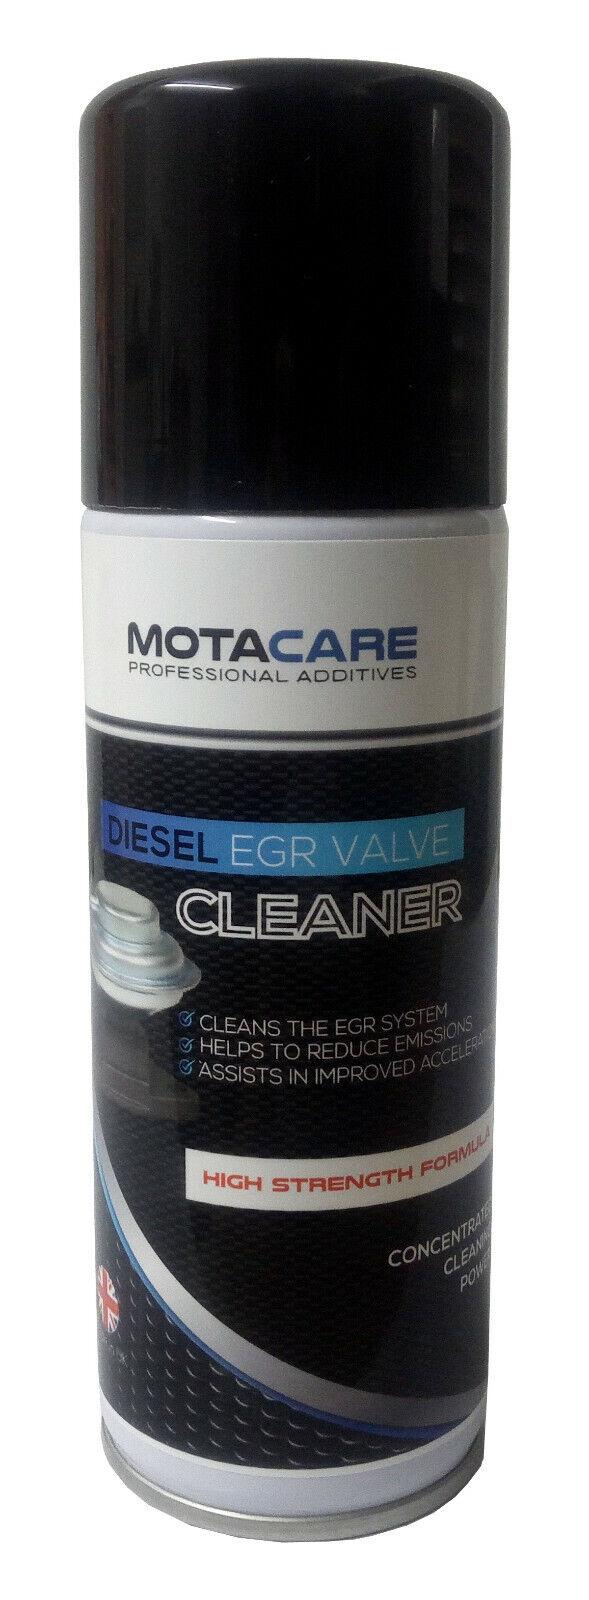 EGR Valve & Carb Cleaner Spray Air Intake Clean Petrol Diesel 150ml Motacare